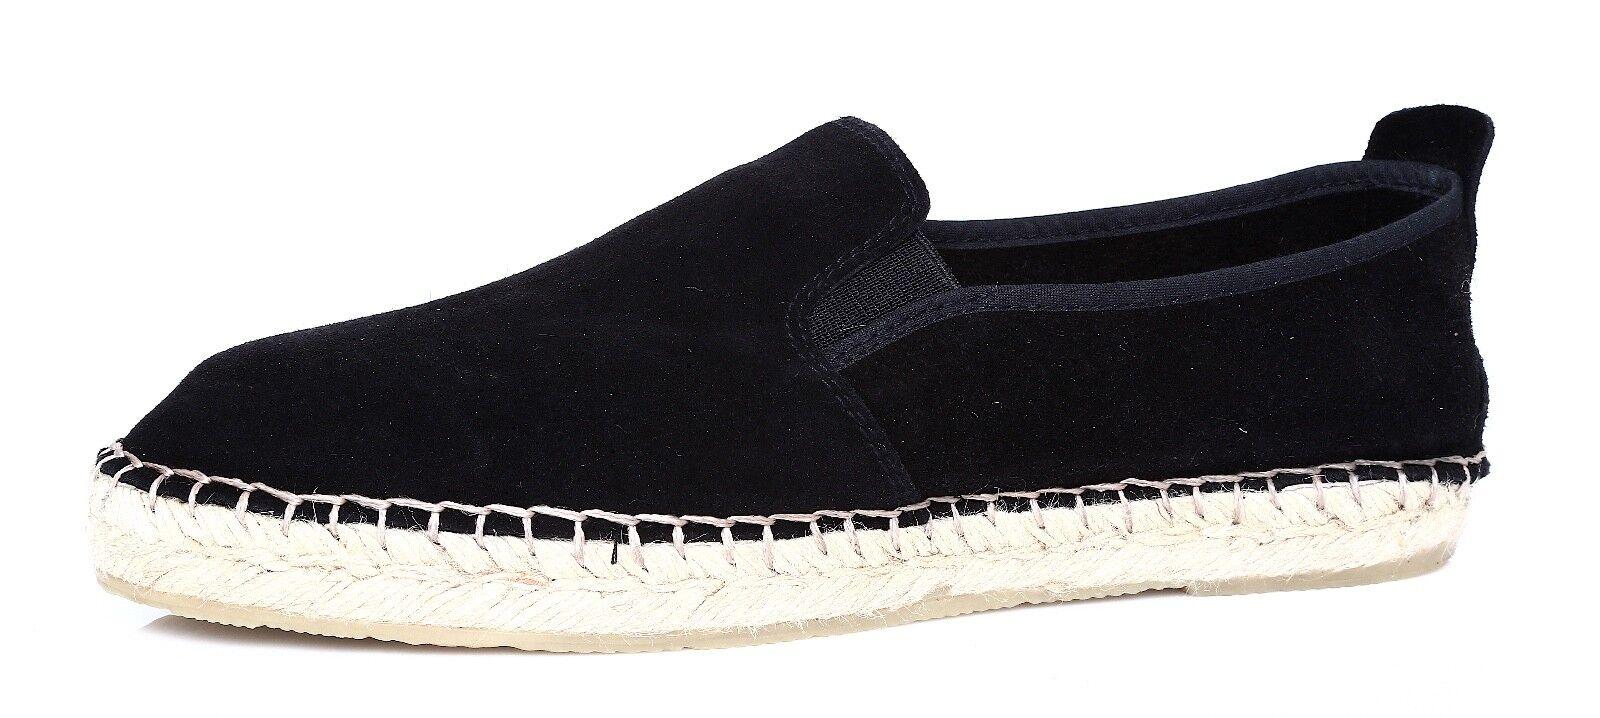 Free People Women's Black Espadrille Slip On Shoe Sz Sz Shoe 41 dbc0aa